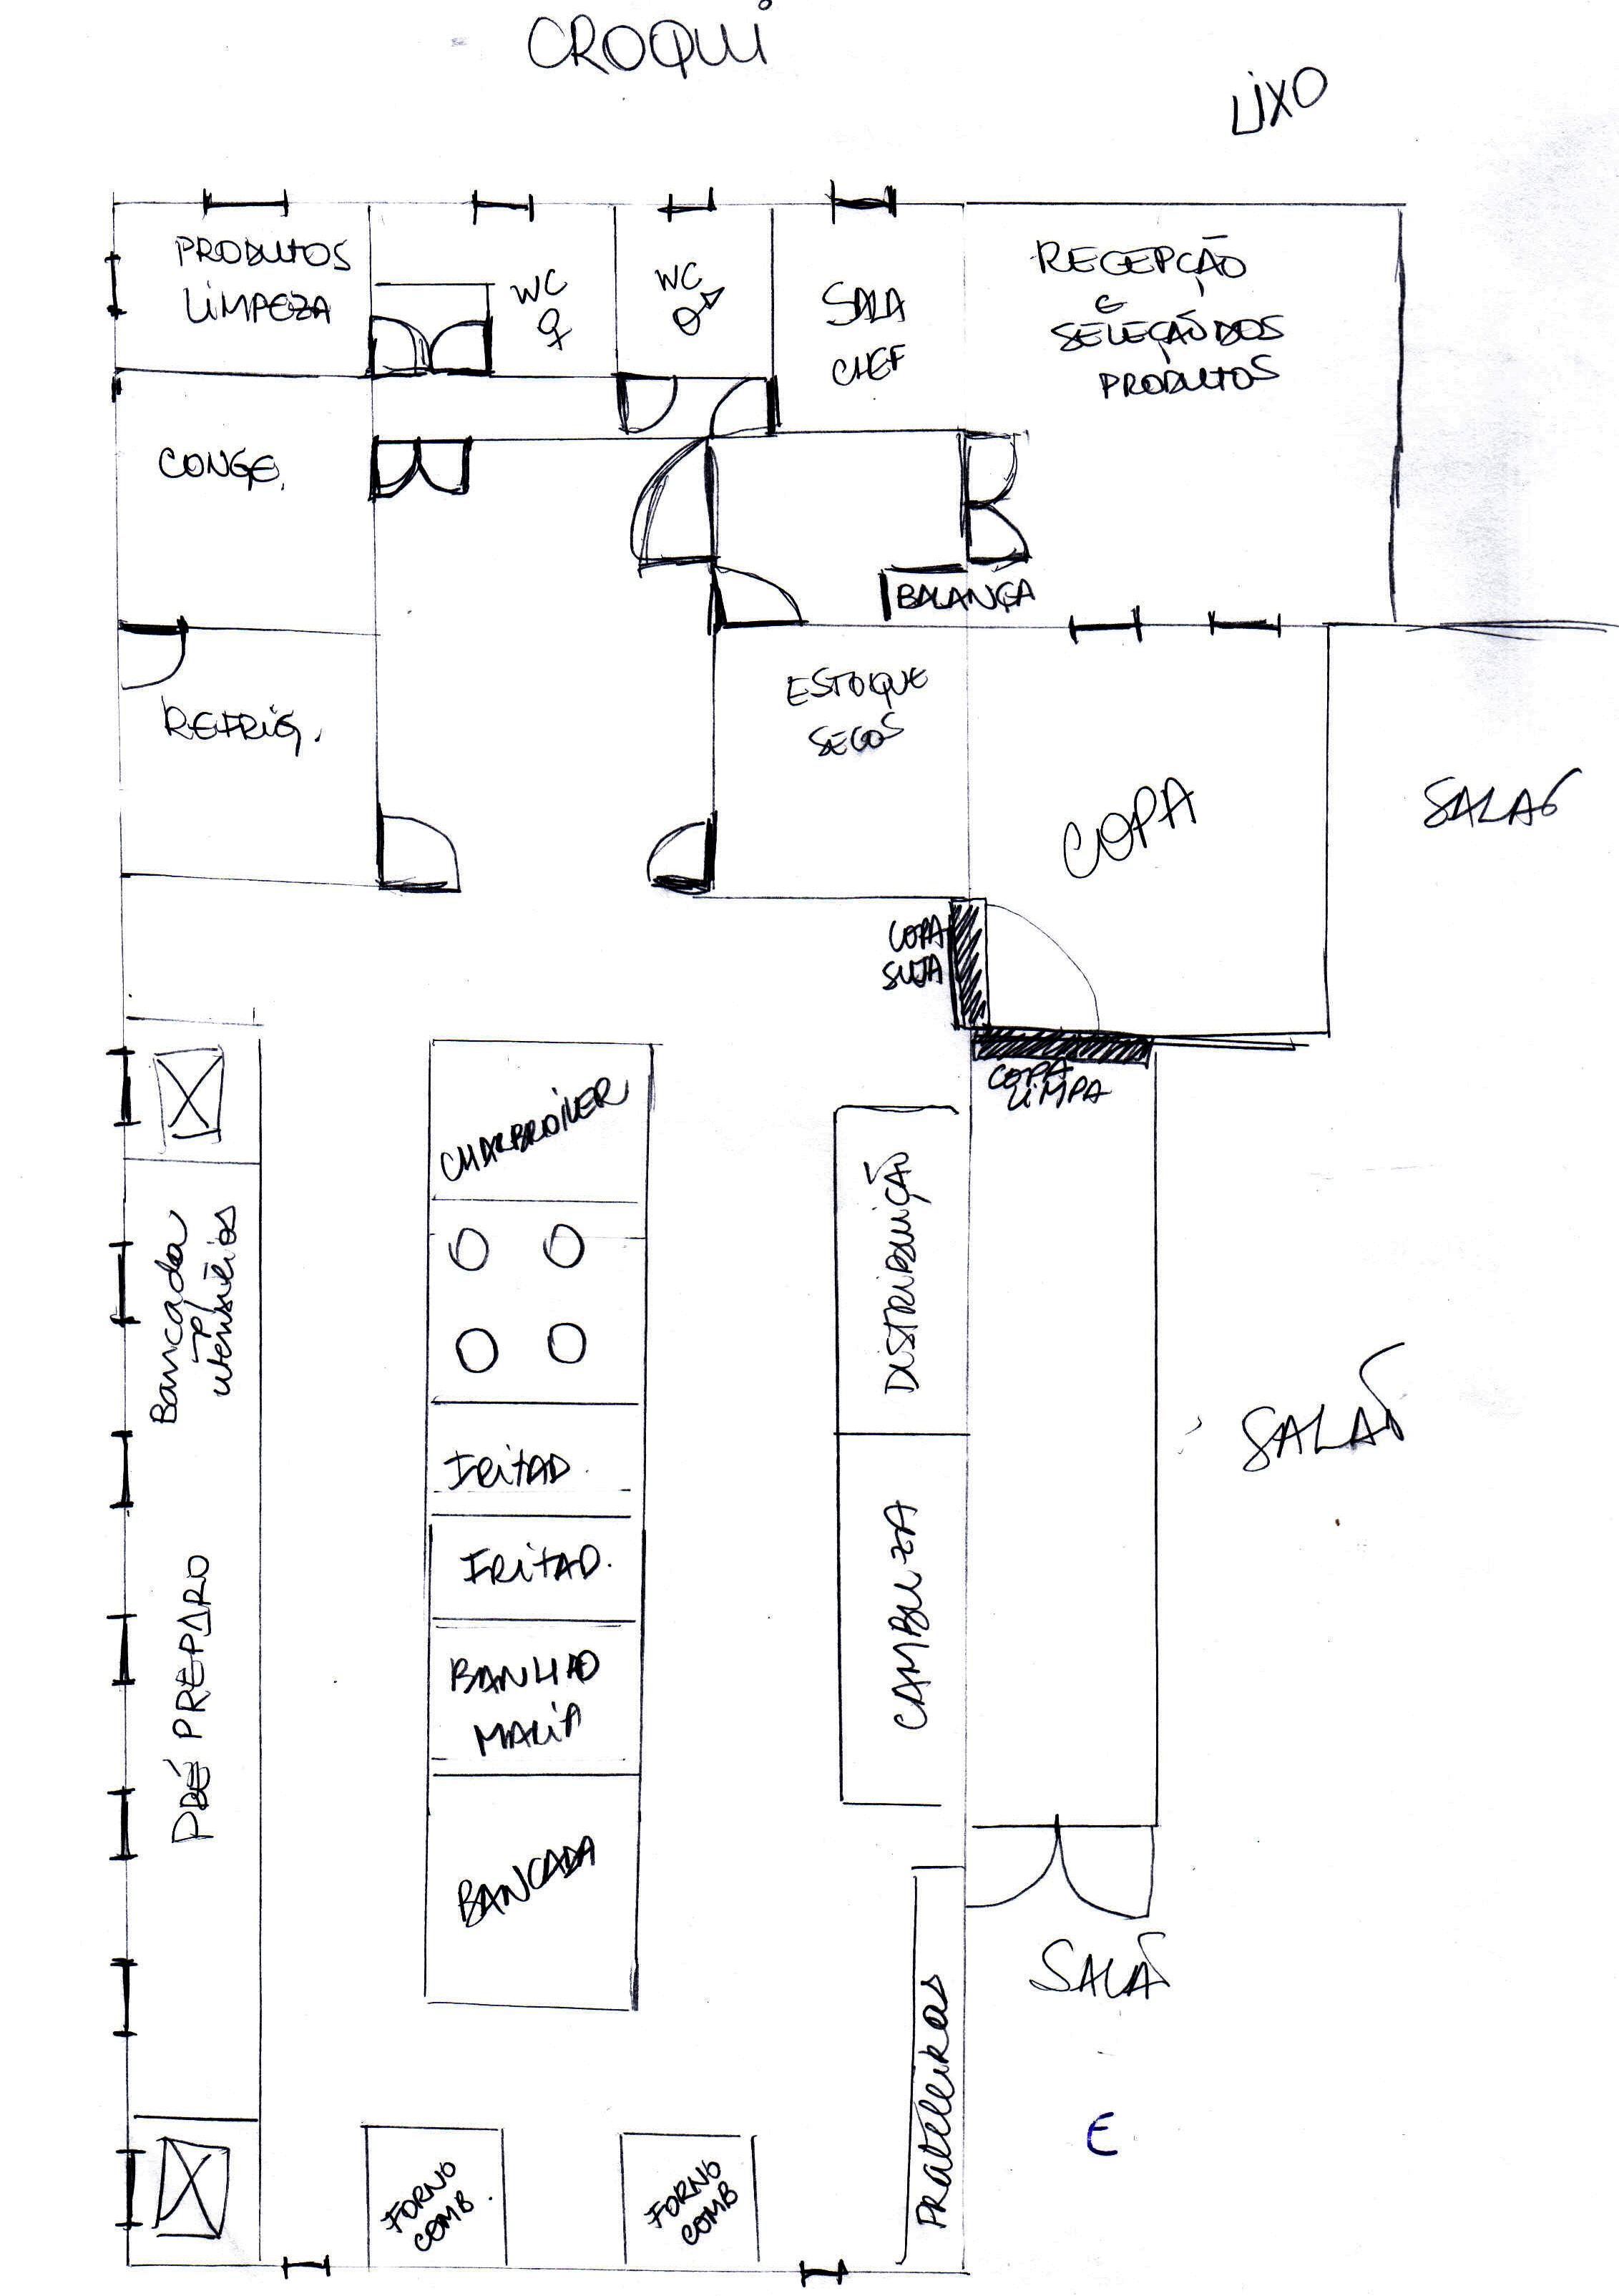 Anteprojeto e ampliação de uma cozinha profissional Turista Nativo #303037 2263 3209